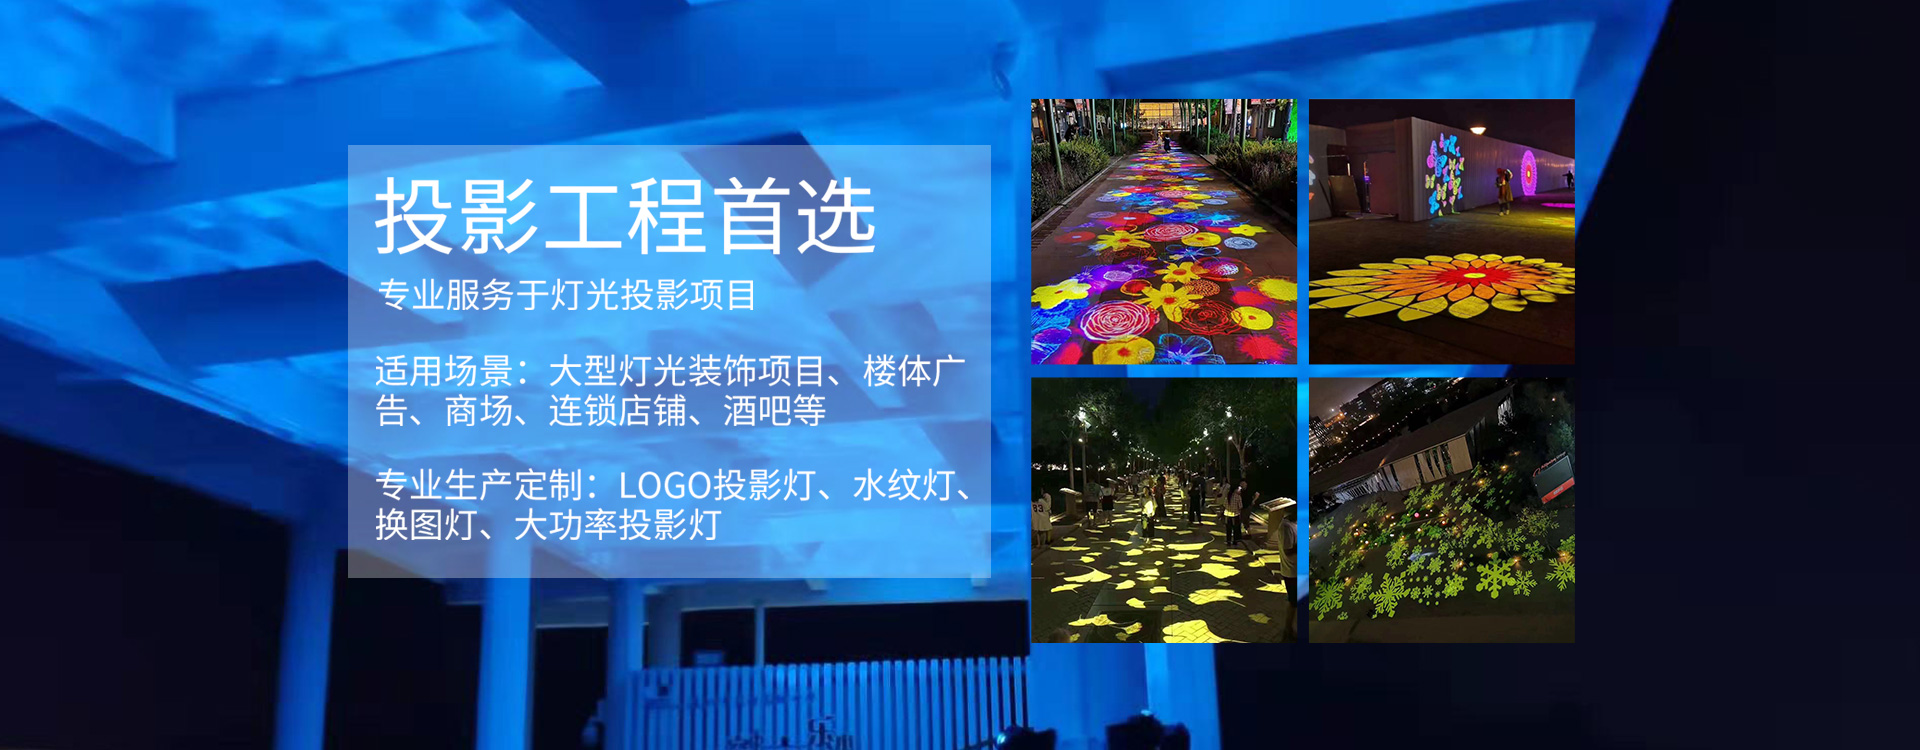 投影灯,LOGO灯,广告灯灯光装饰工程